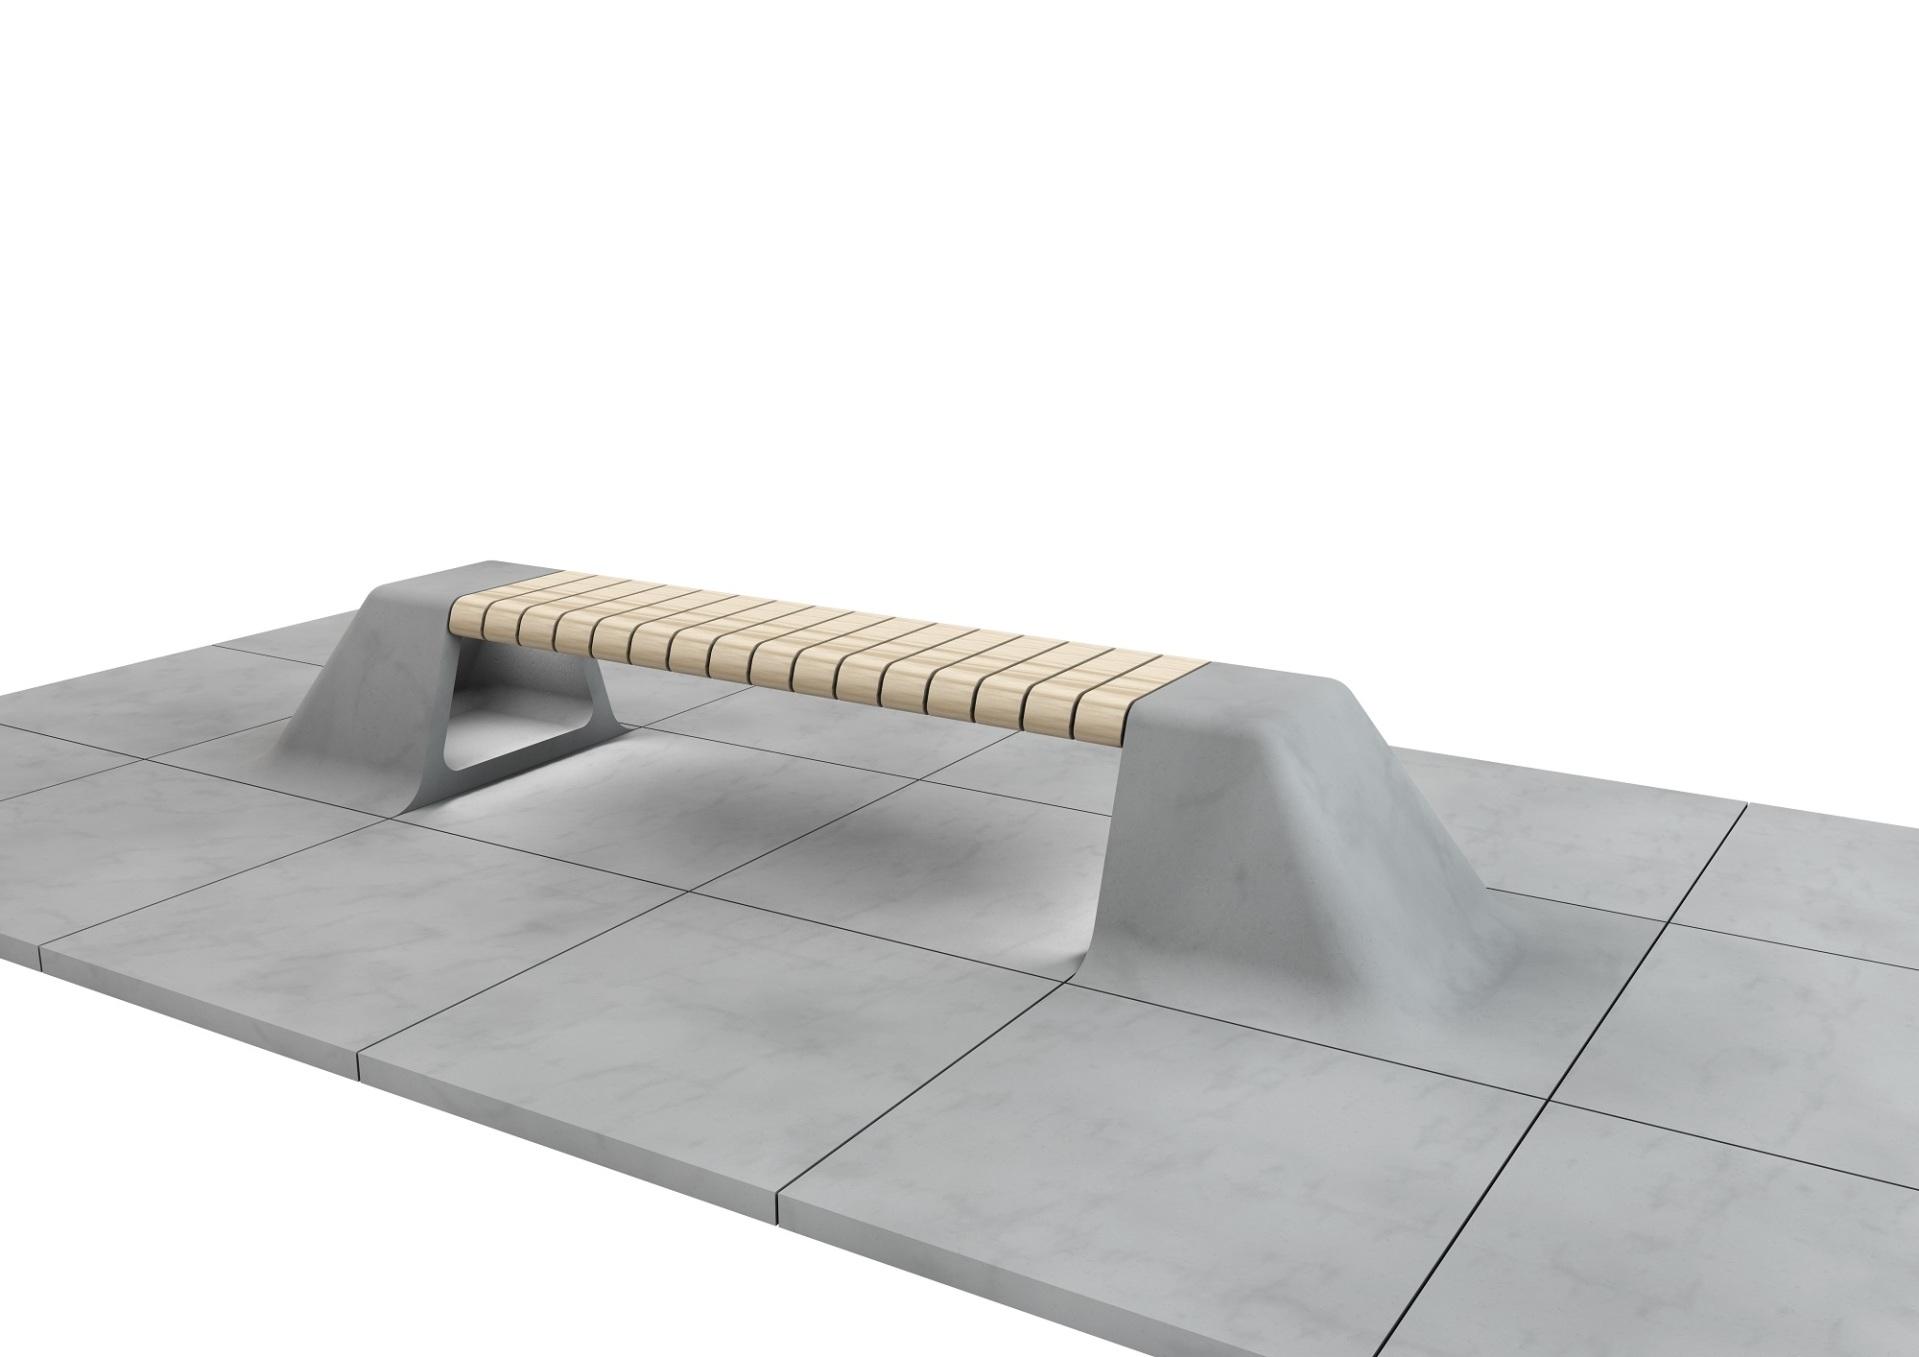 Městský mobiliář a dlažba slide 1